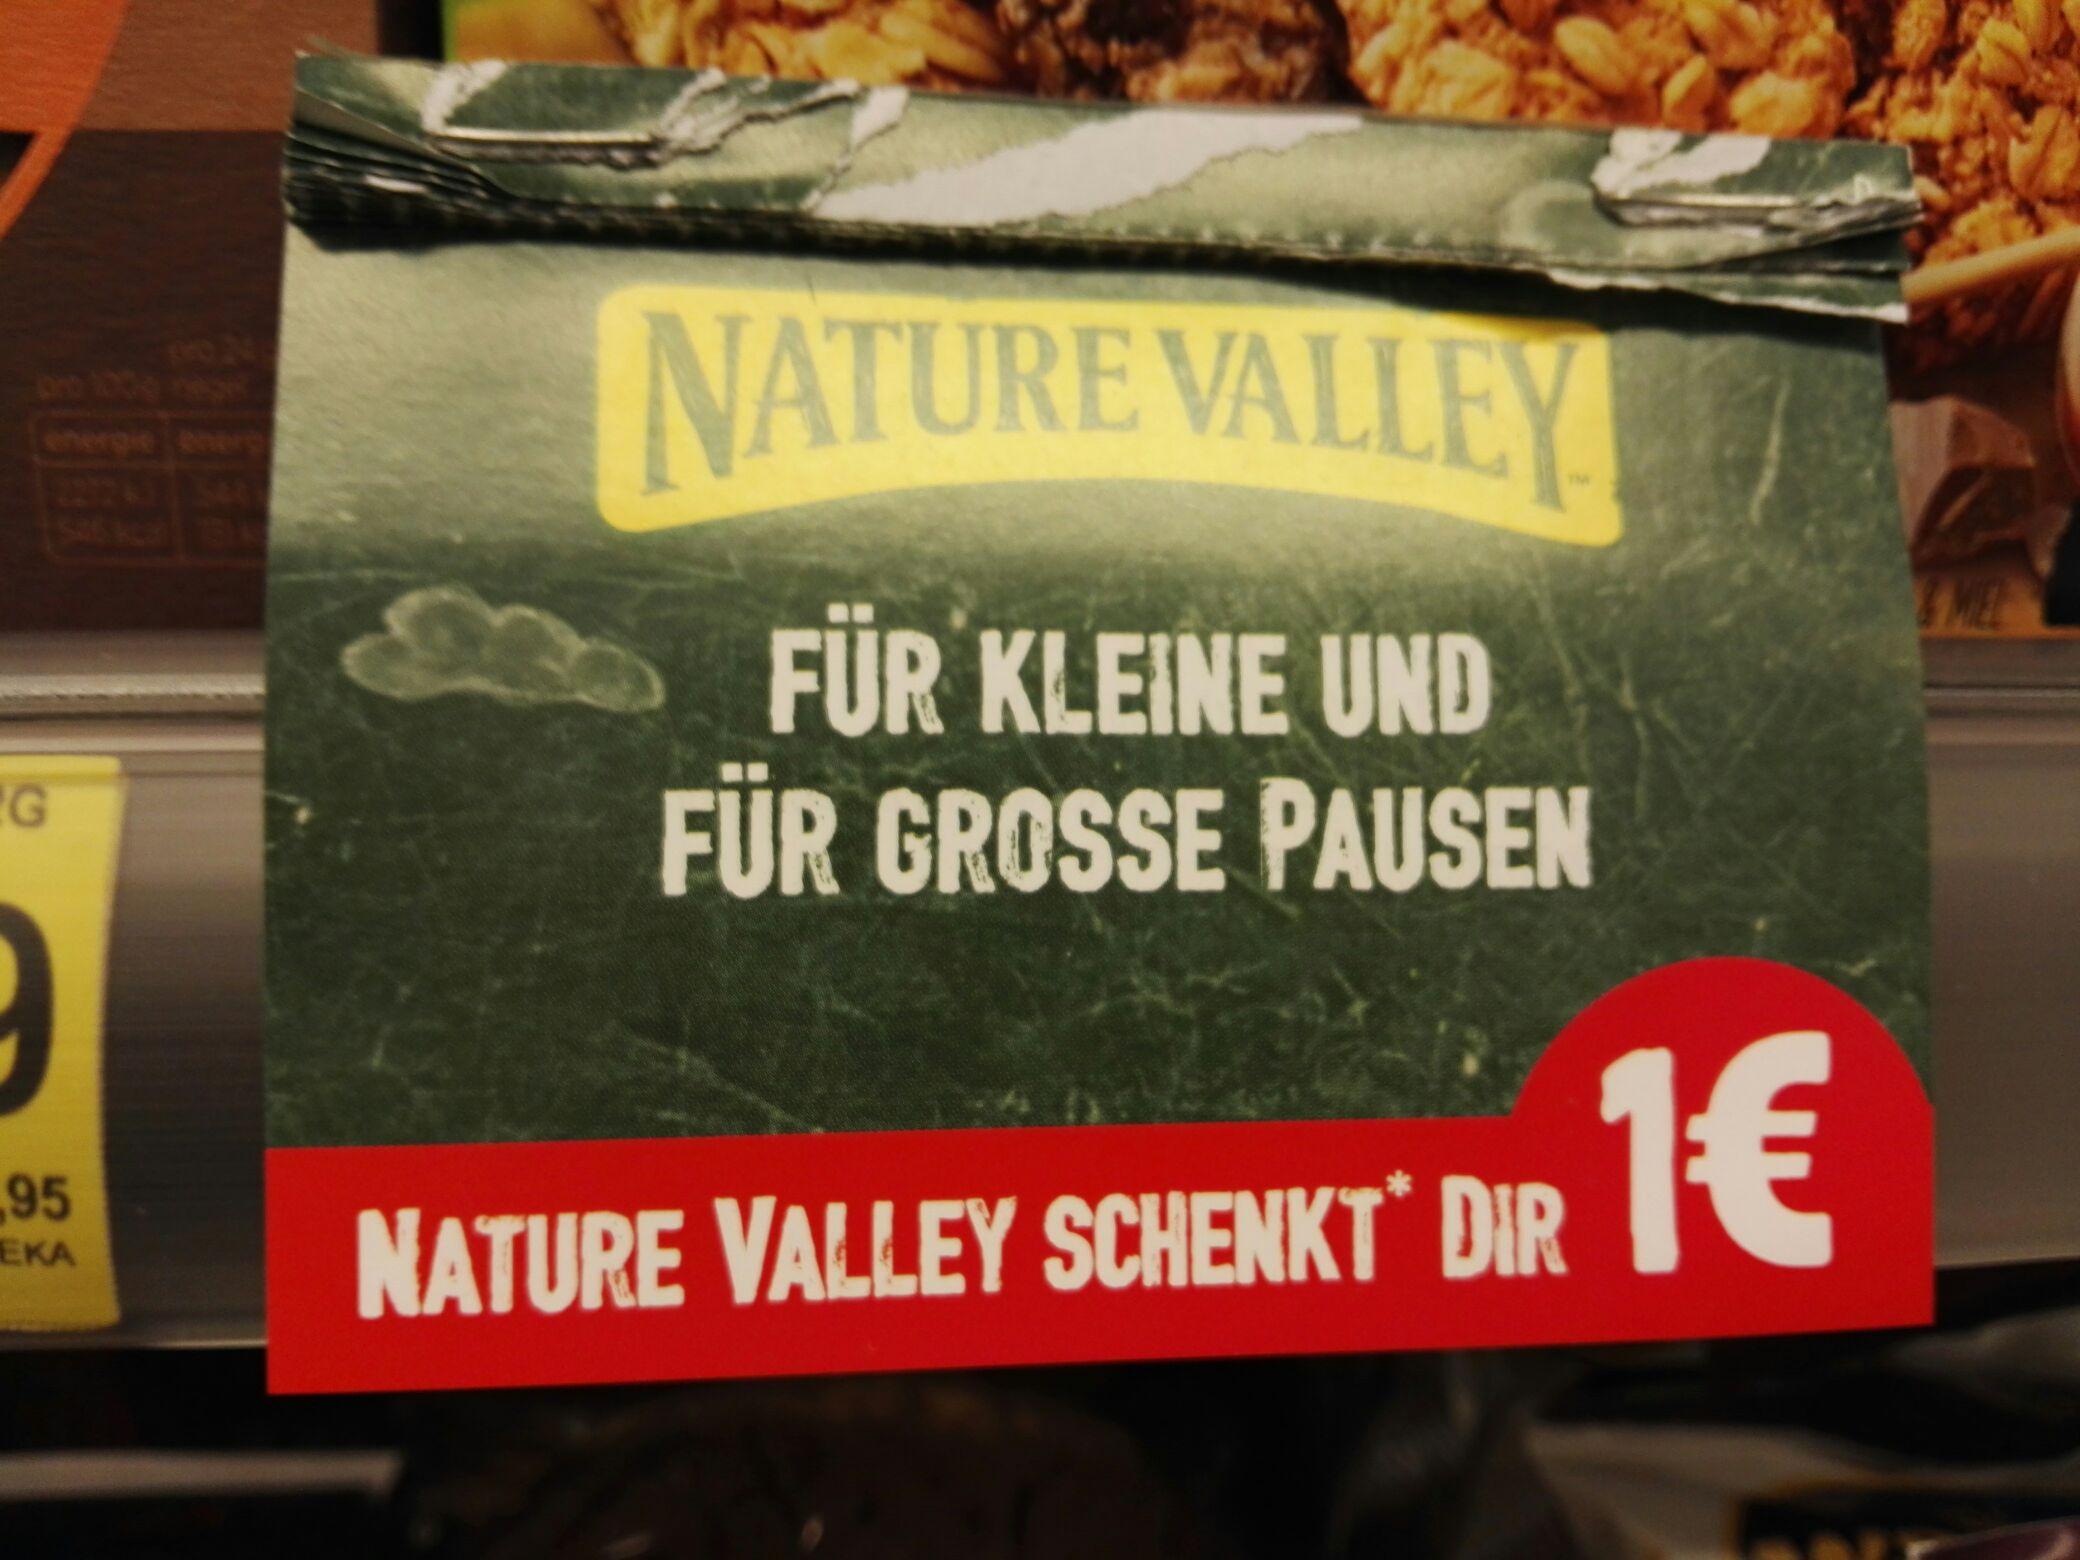 Nature Valley Crunchy Müsliriegel / Lokal verschiedene Supermärkte  -1€